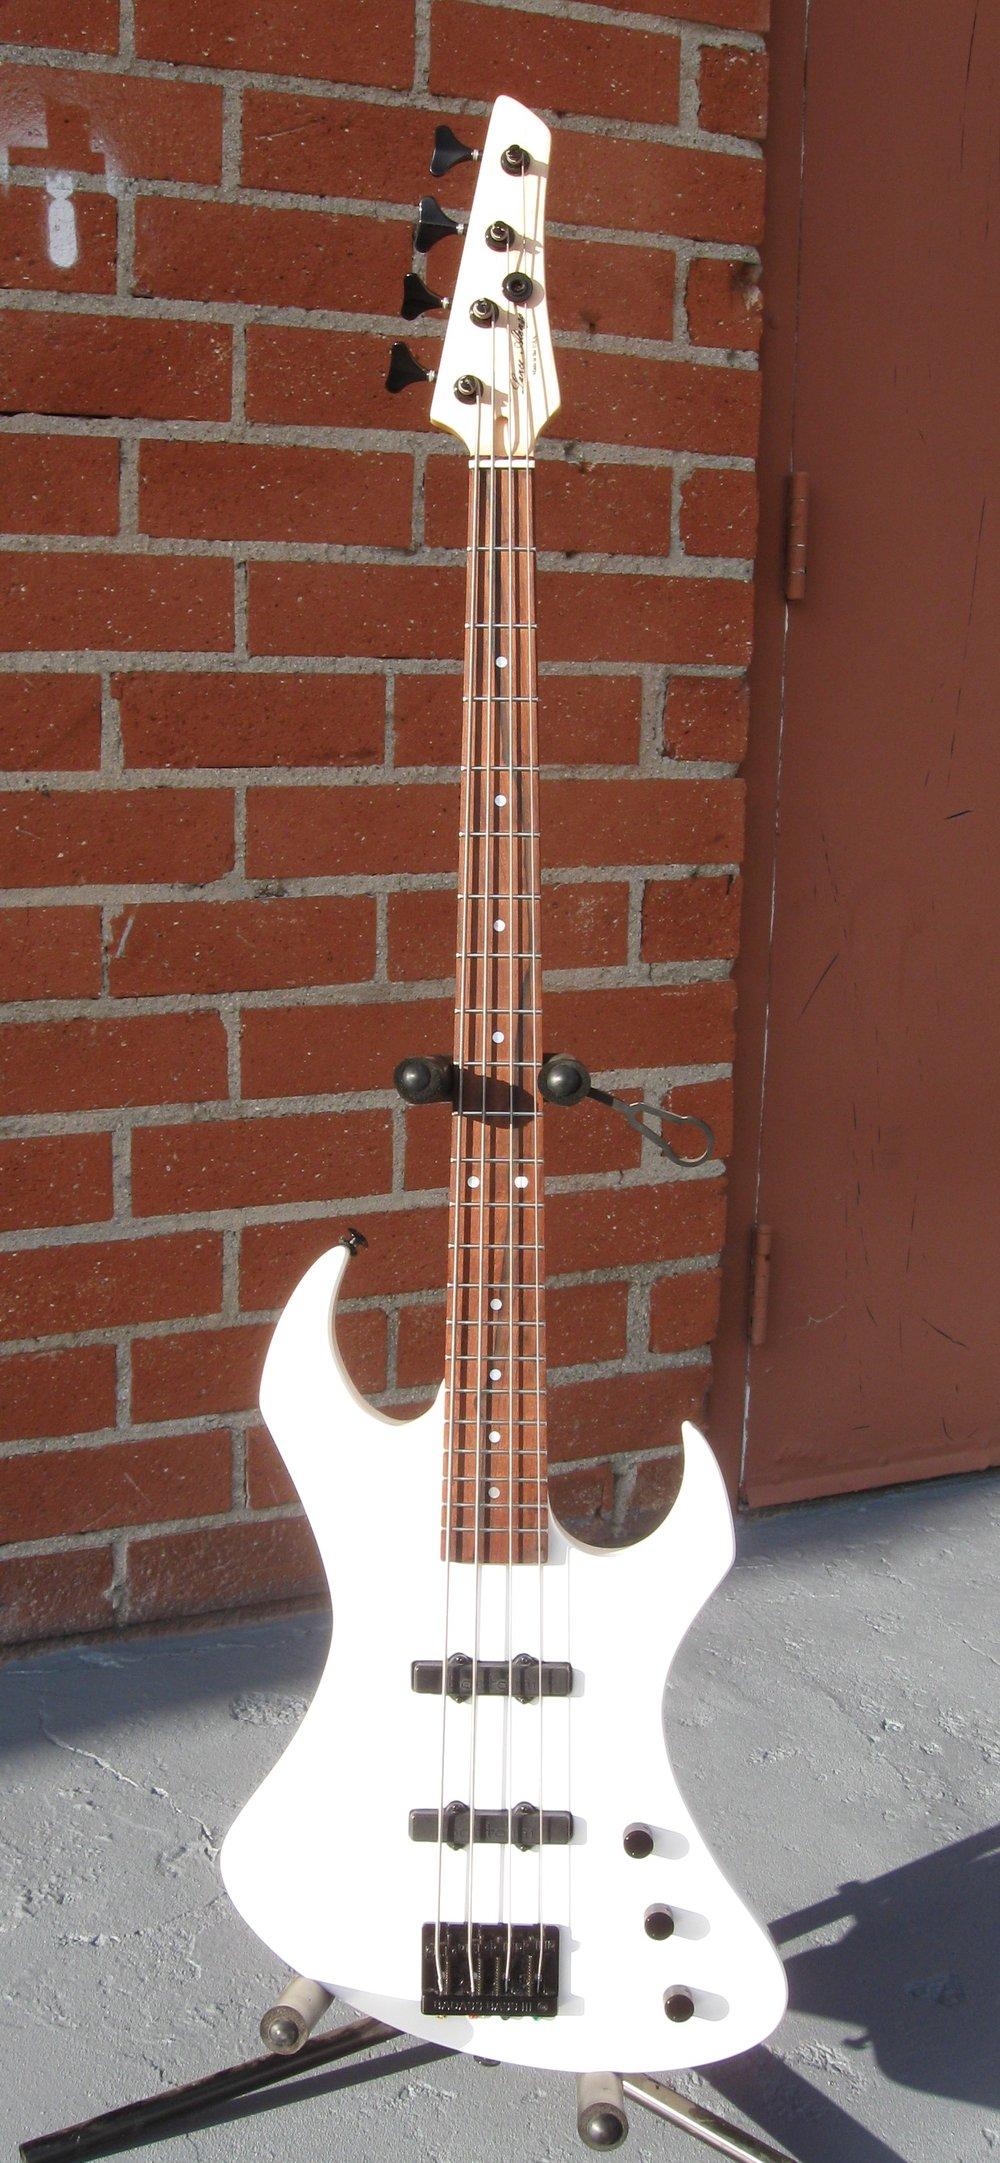 A/V bass